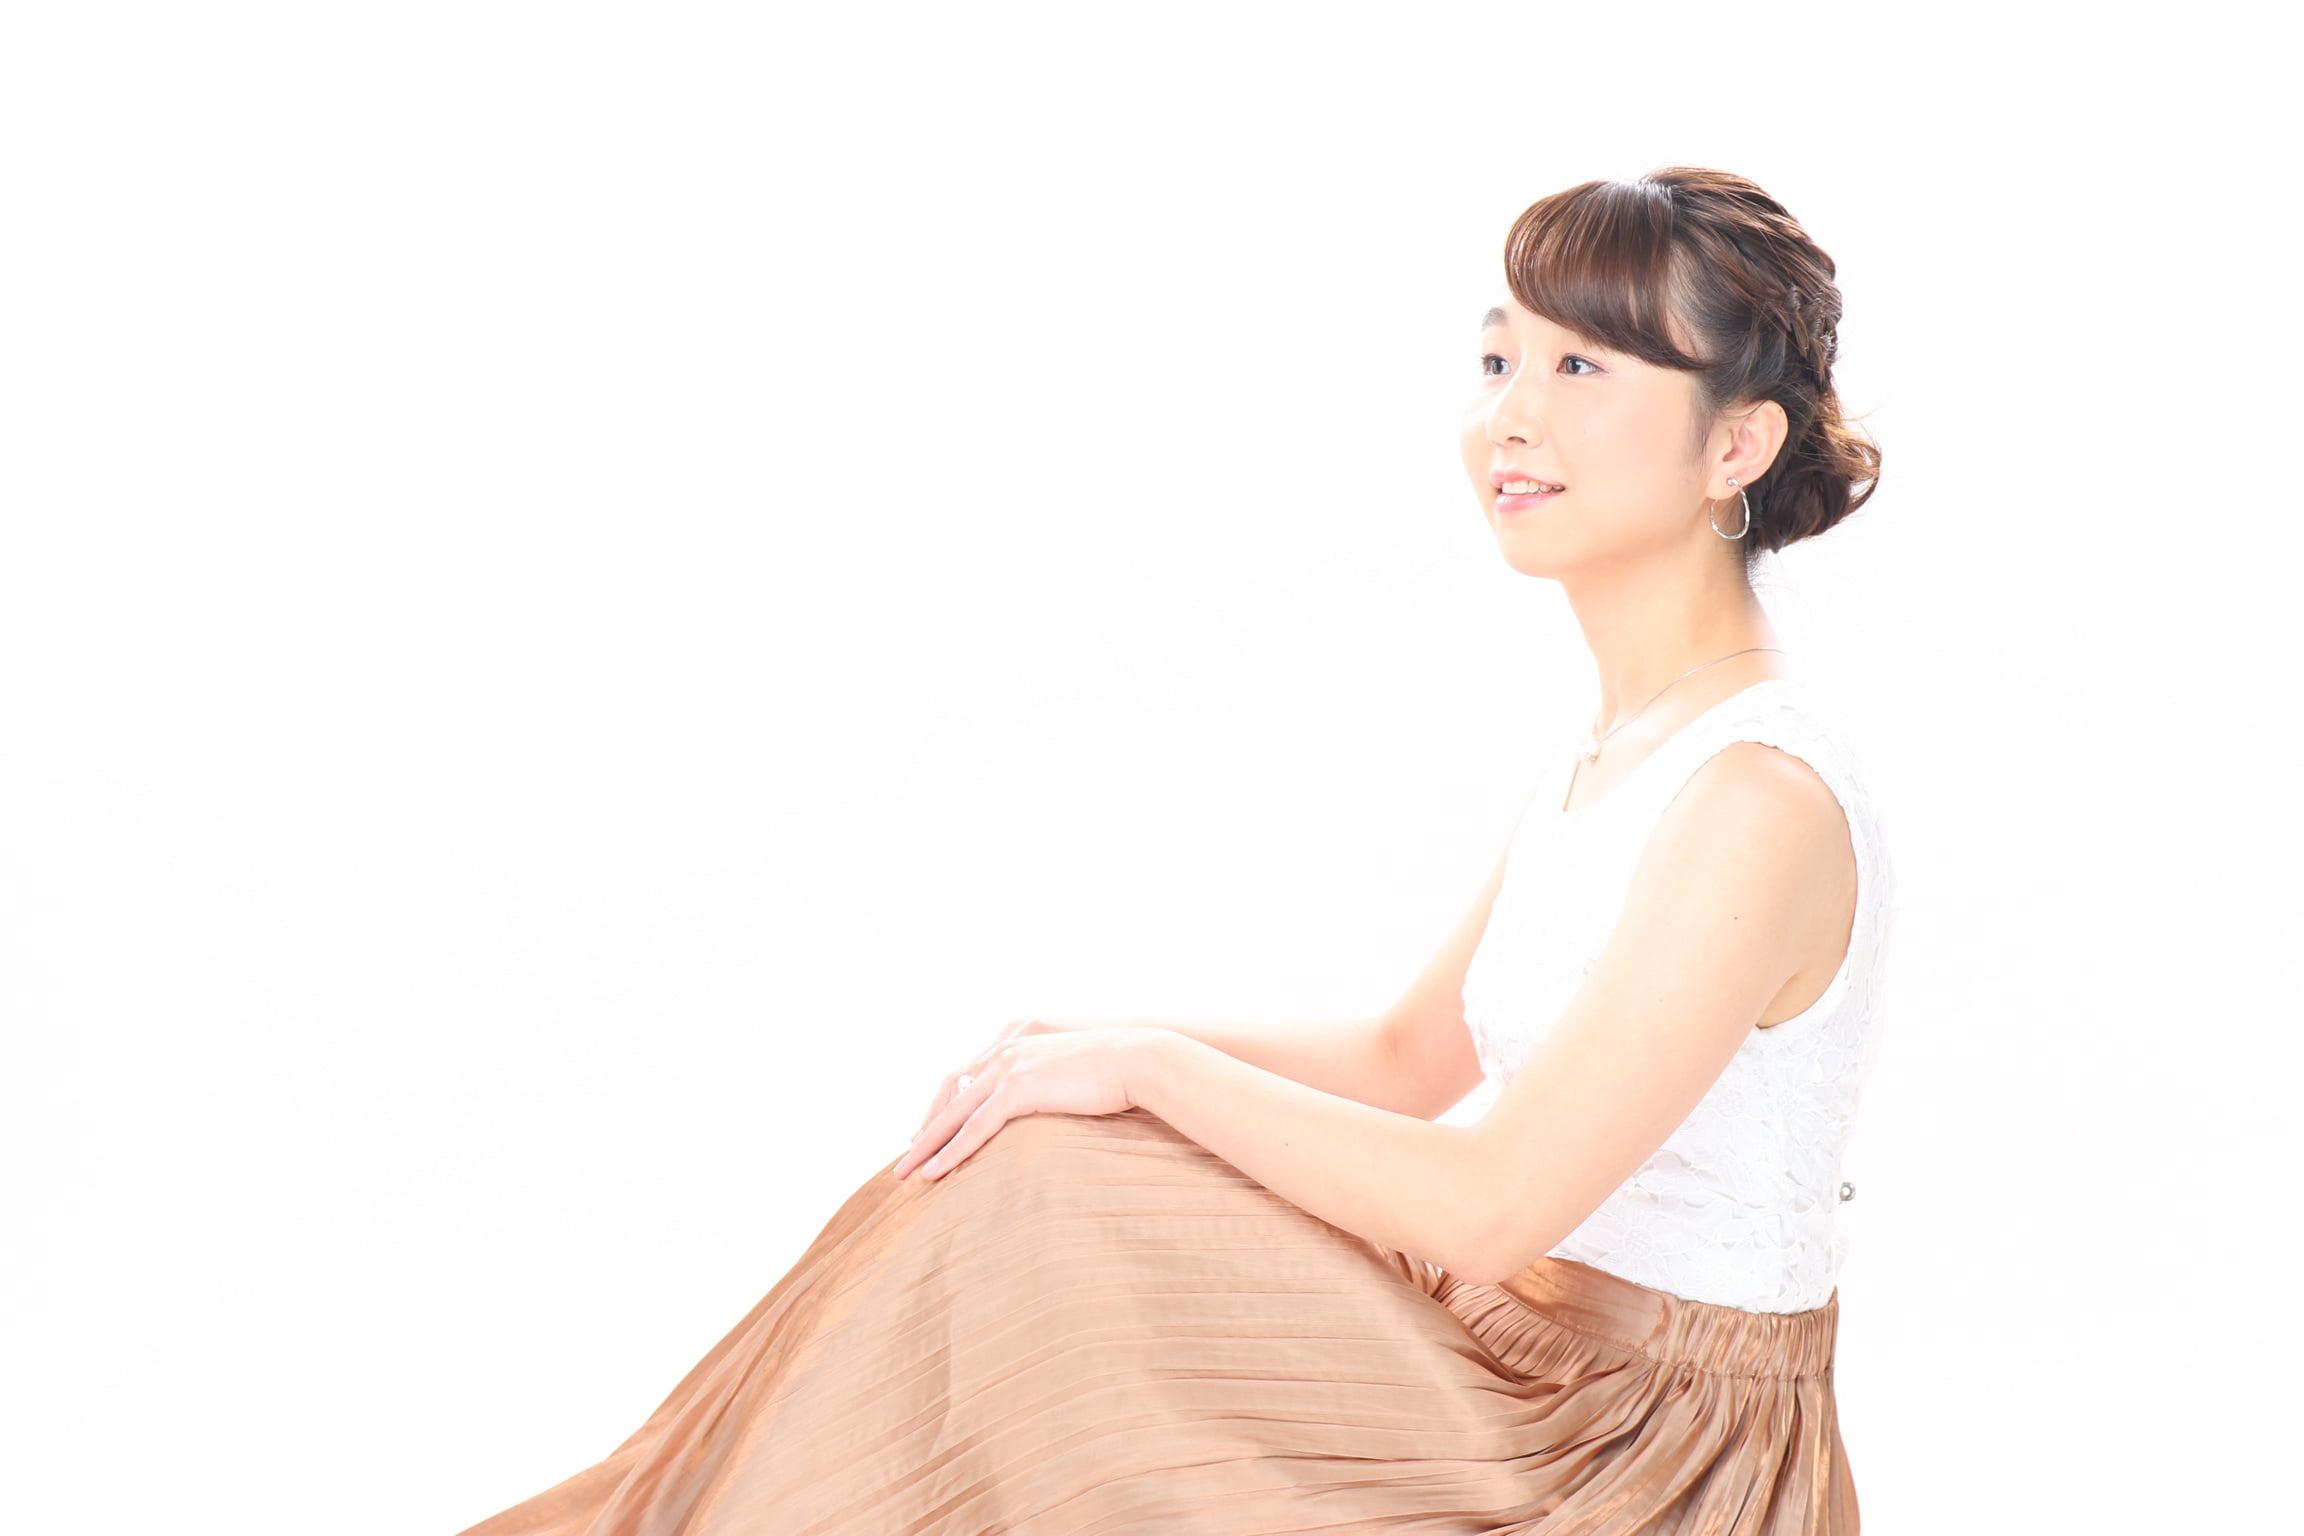 nanako-shibuya-2020-3